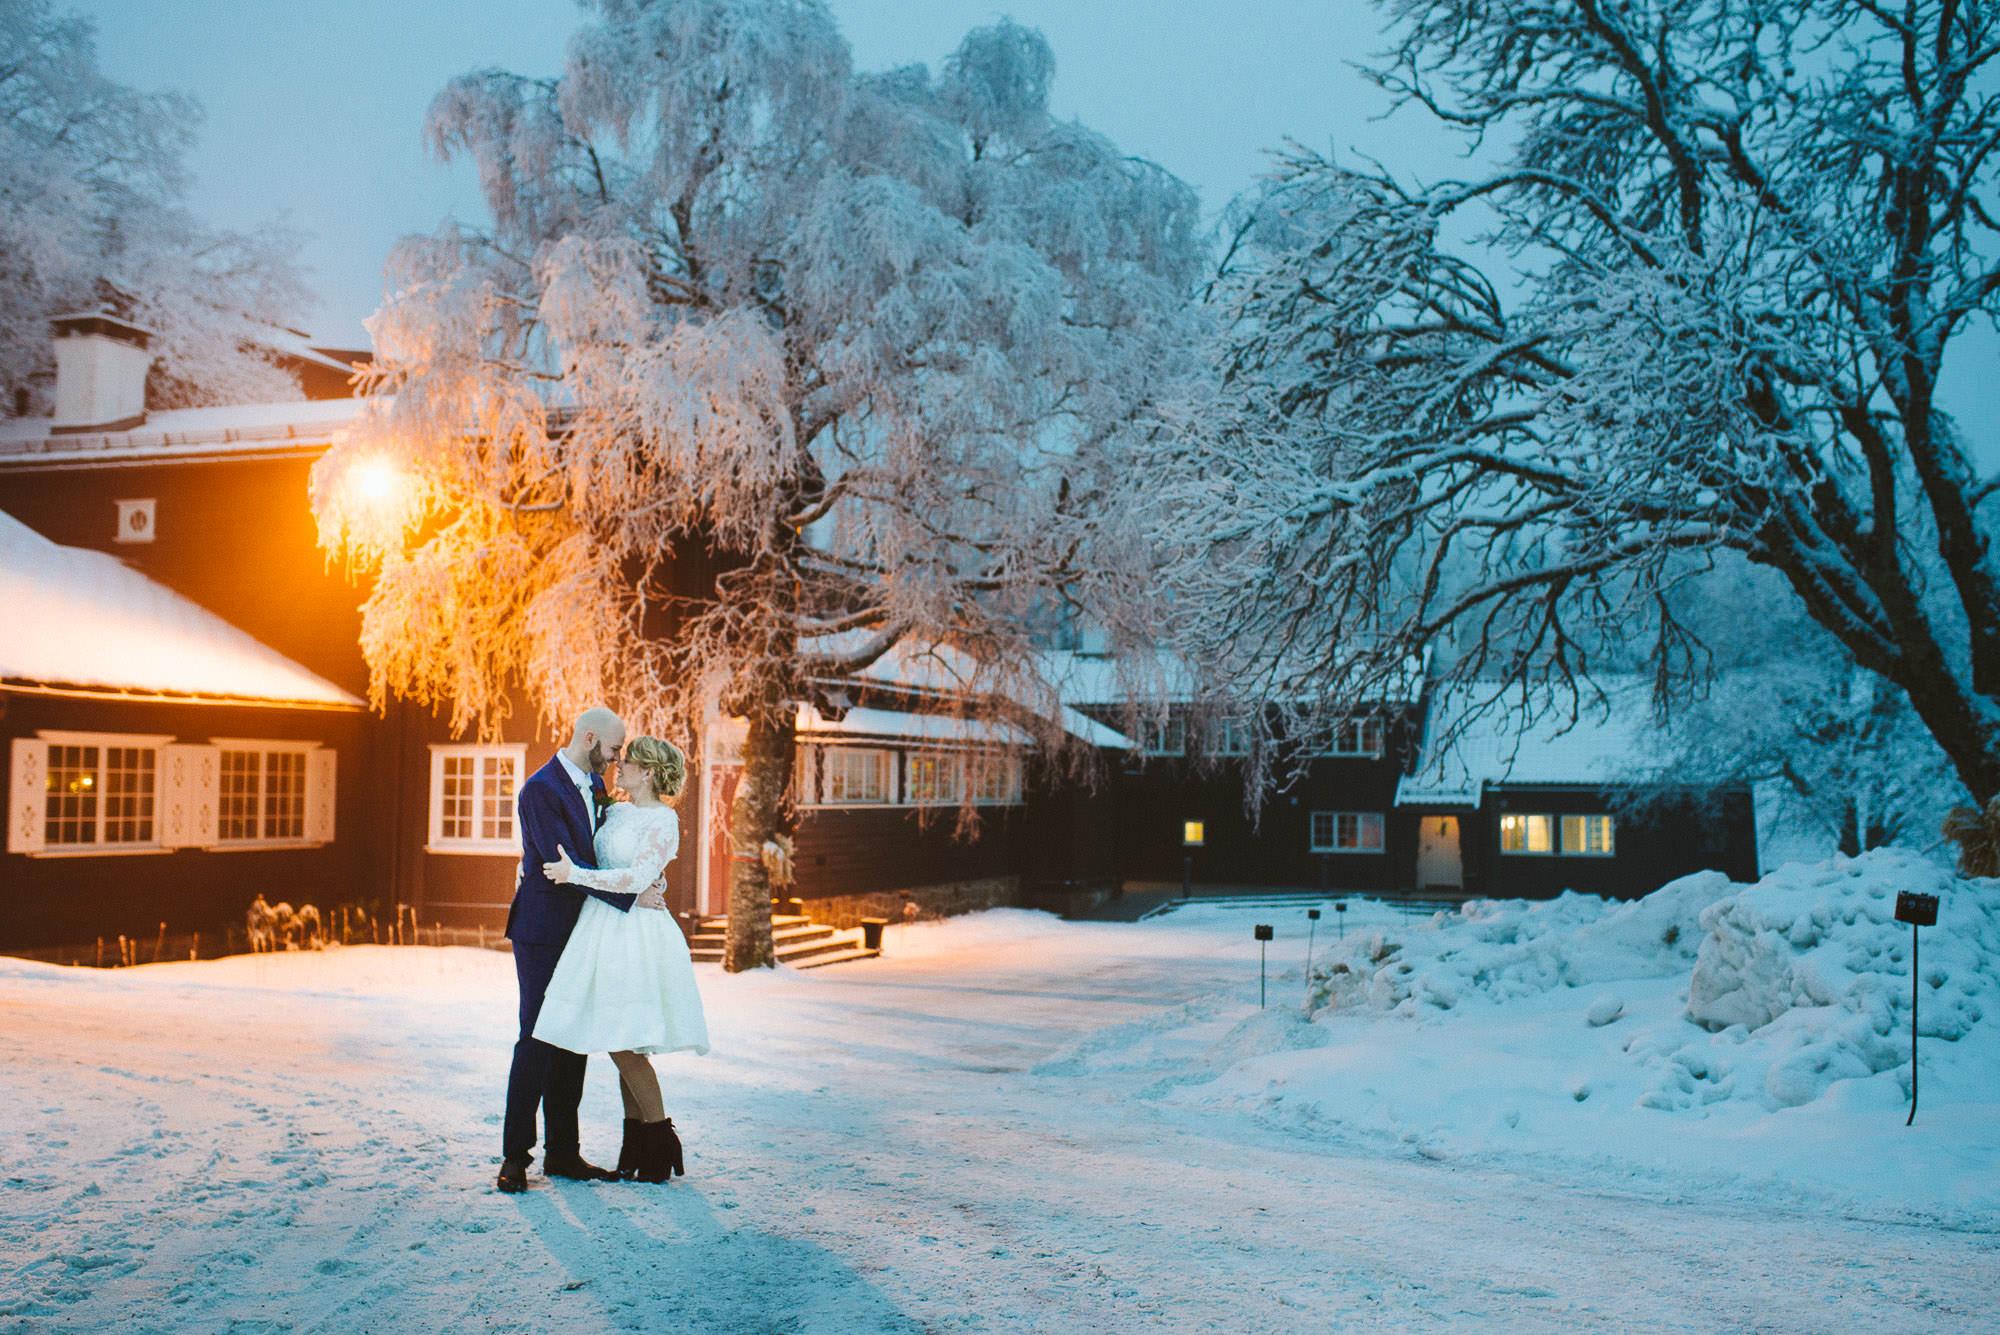 Wedding at Lysebu, Norway.